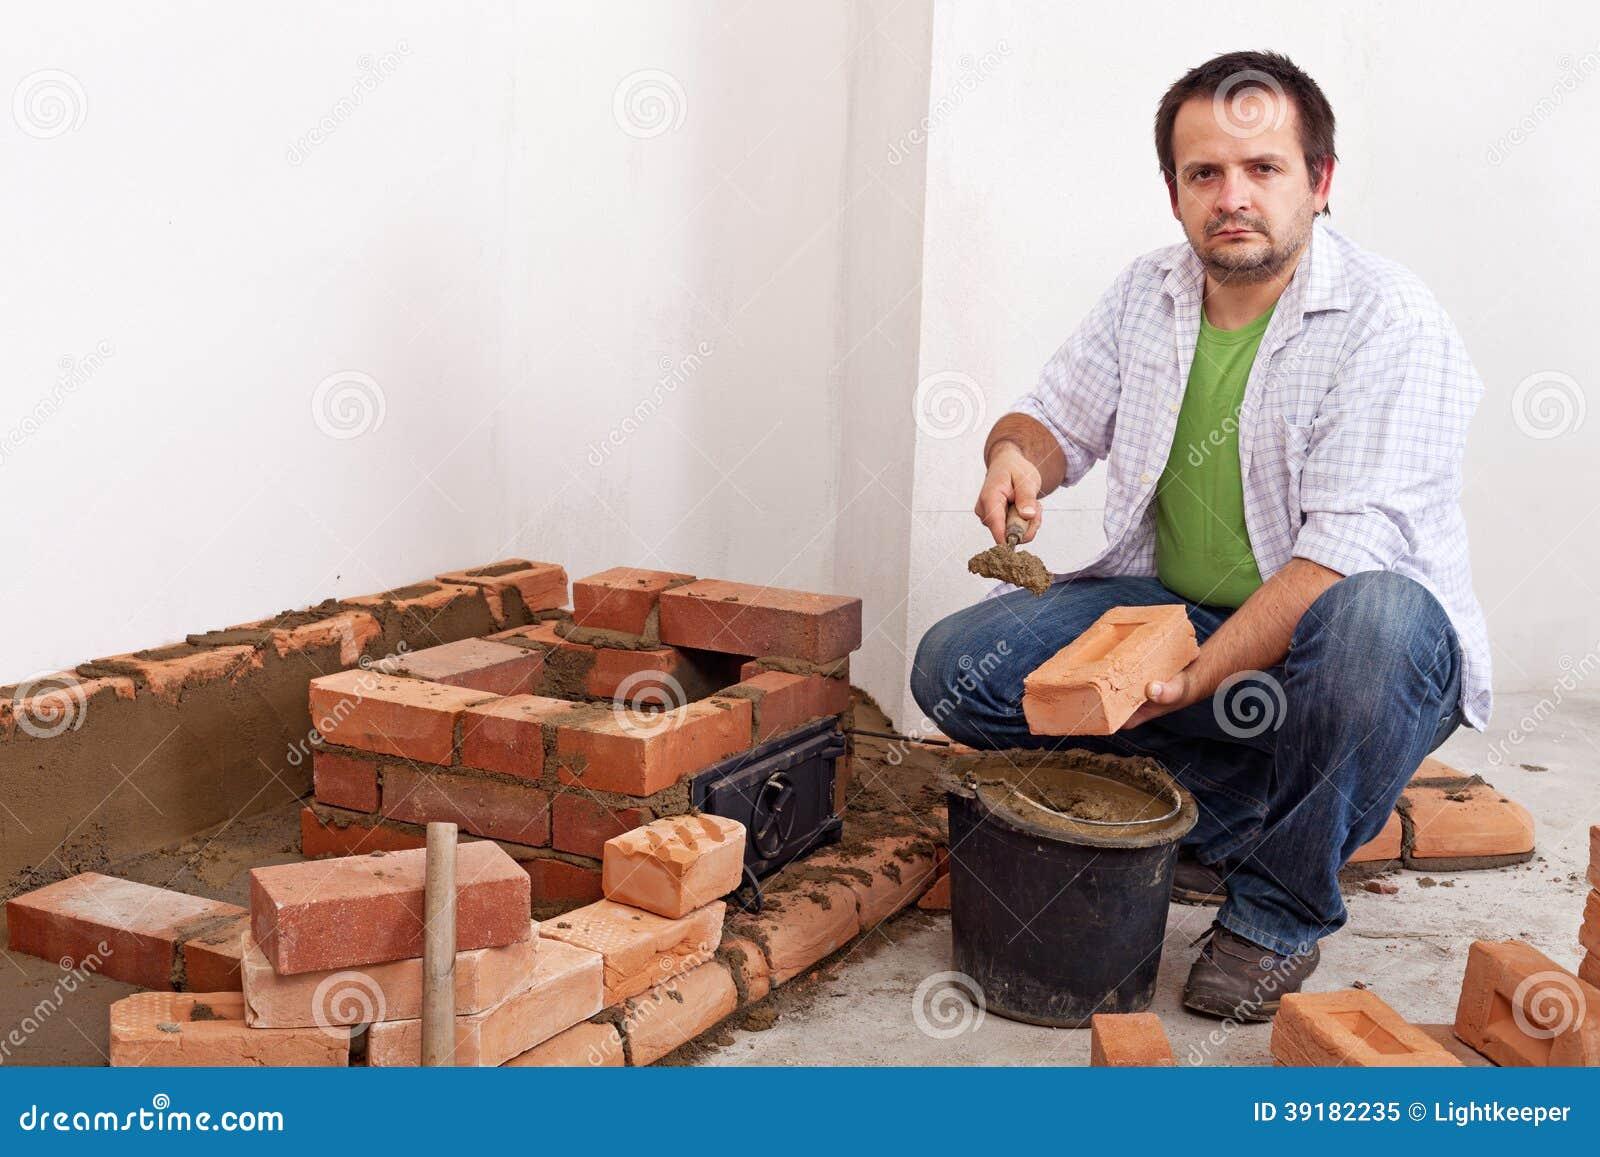 homme construisant un fourneau ou une chemin e de brique photo stock image 39182235. Black Bedroom Furniture Sets. Home Design Ideas